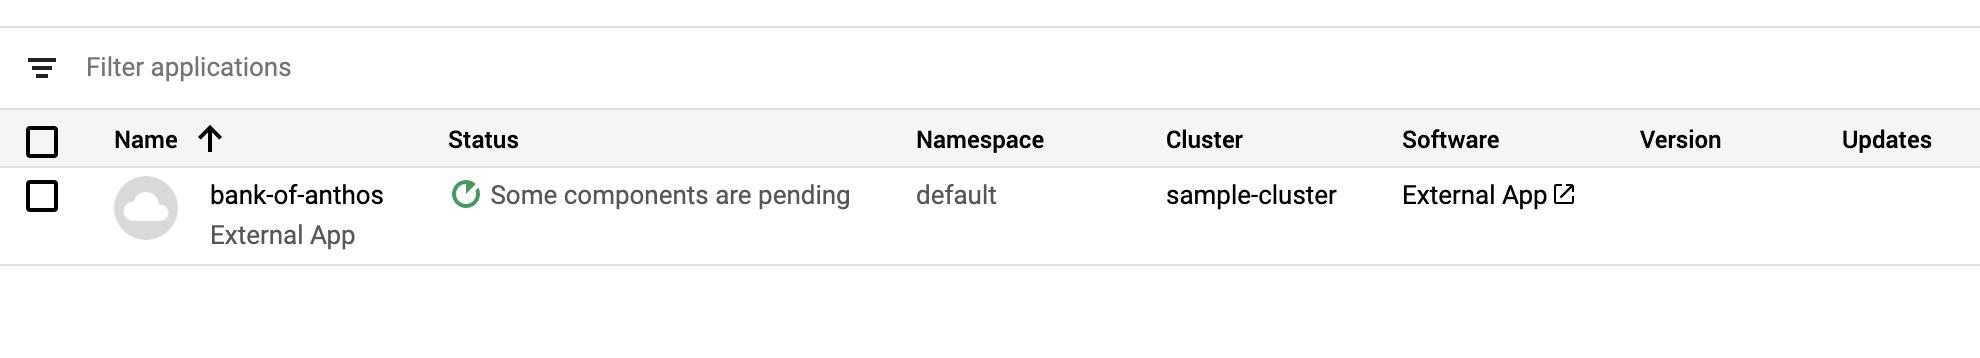 ソフトウェア タイプ「External App」はハイパーリンクとしてフォーマットされます。